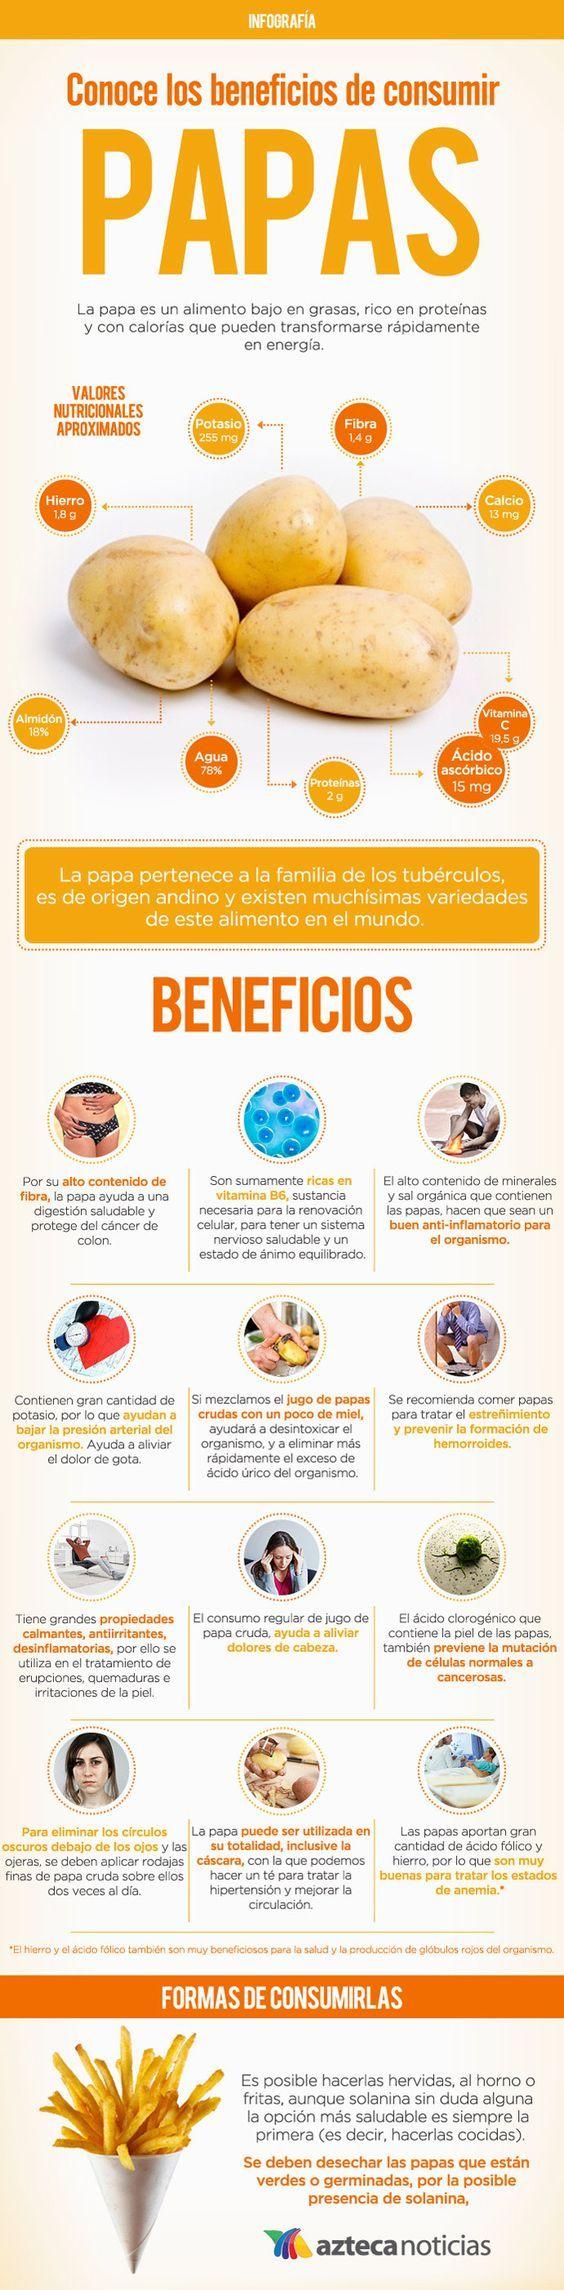 Conoce los beneficios de consumir papas #infografia: